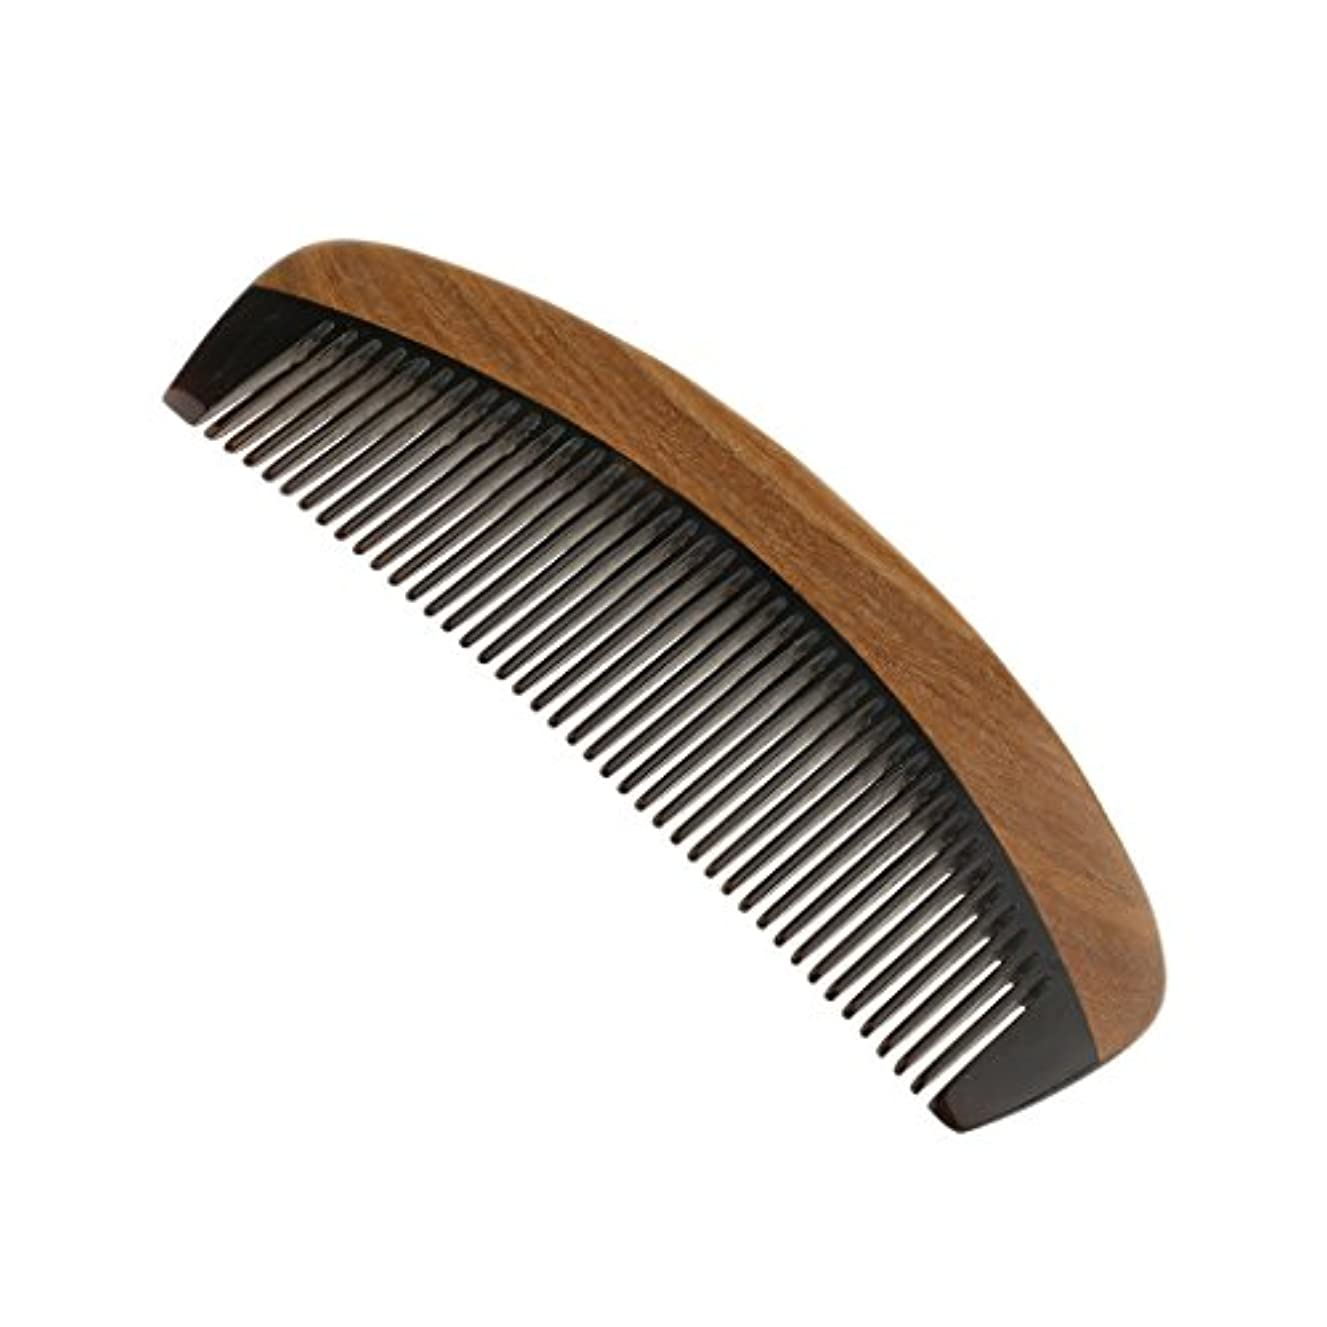 オペレーター発生原因Homyl ウッドコーム 櫛 木製 ハンドメイド 静電気防止 高品質 マッサージ リラックス 便利